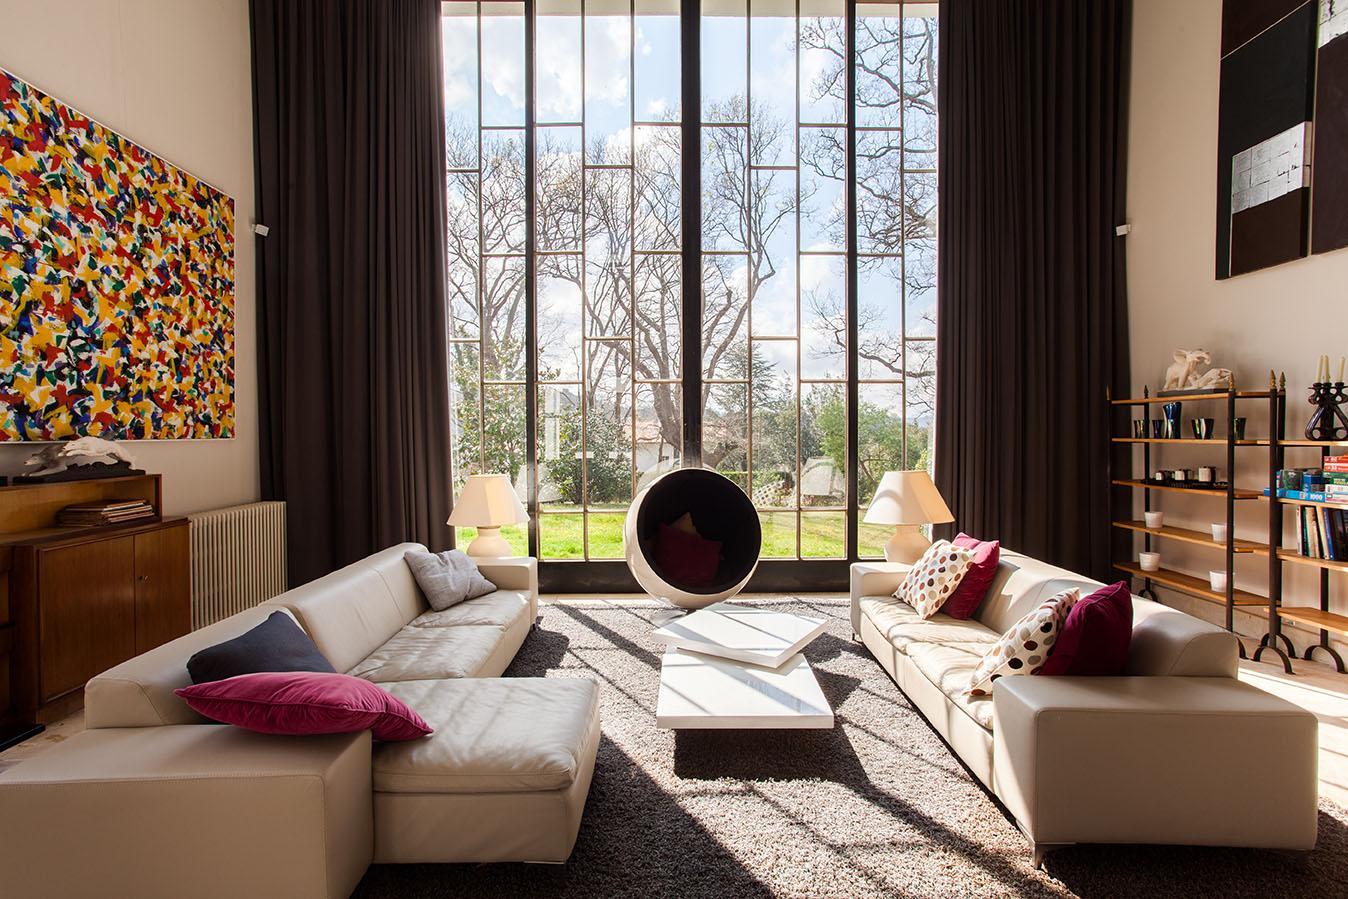 Architecte d\'intérieur Biarritz - Nicole Casaux - Architecture ...